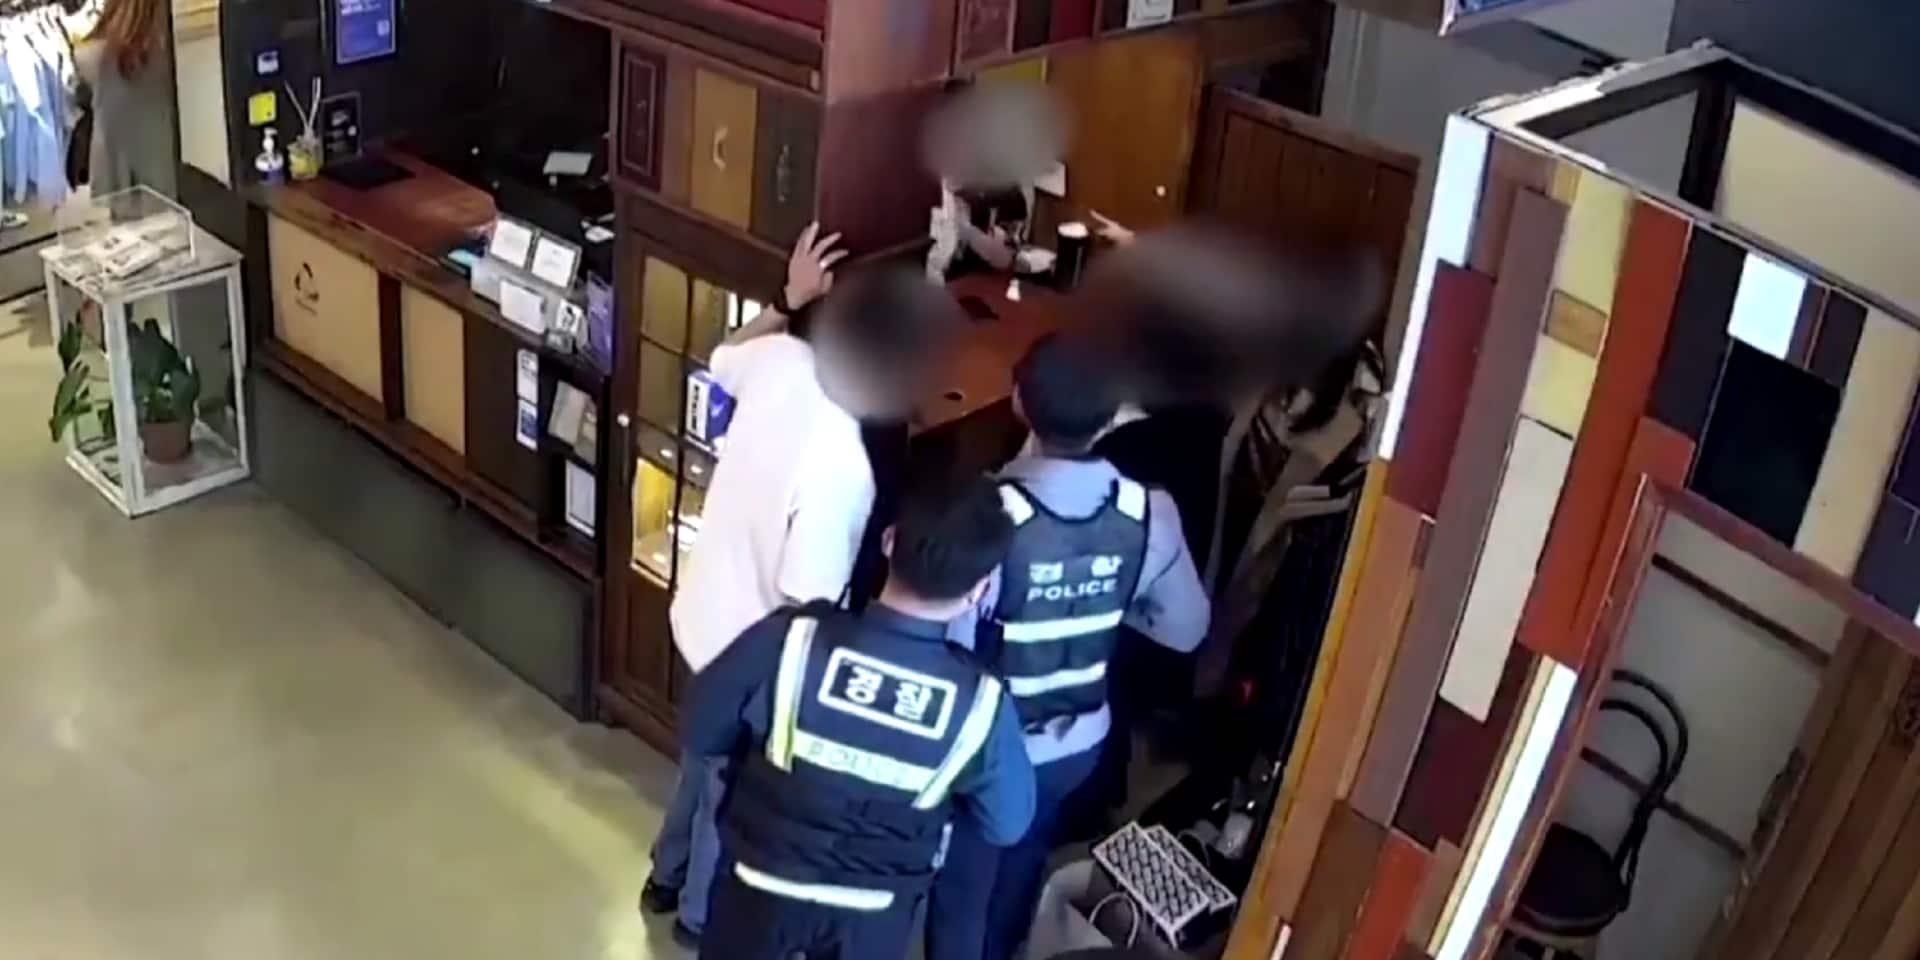 Accusée d'agression à Séoul, l'épouse de l'ambassadeur de Belgique invoque son immunité